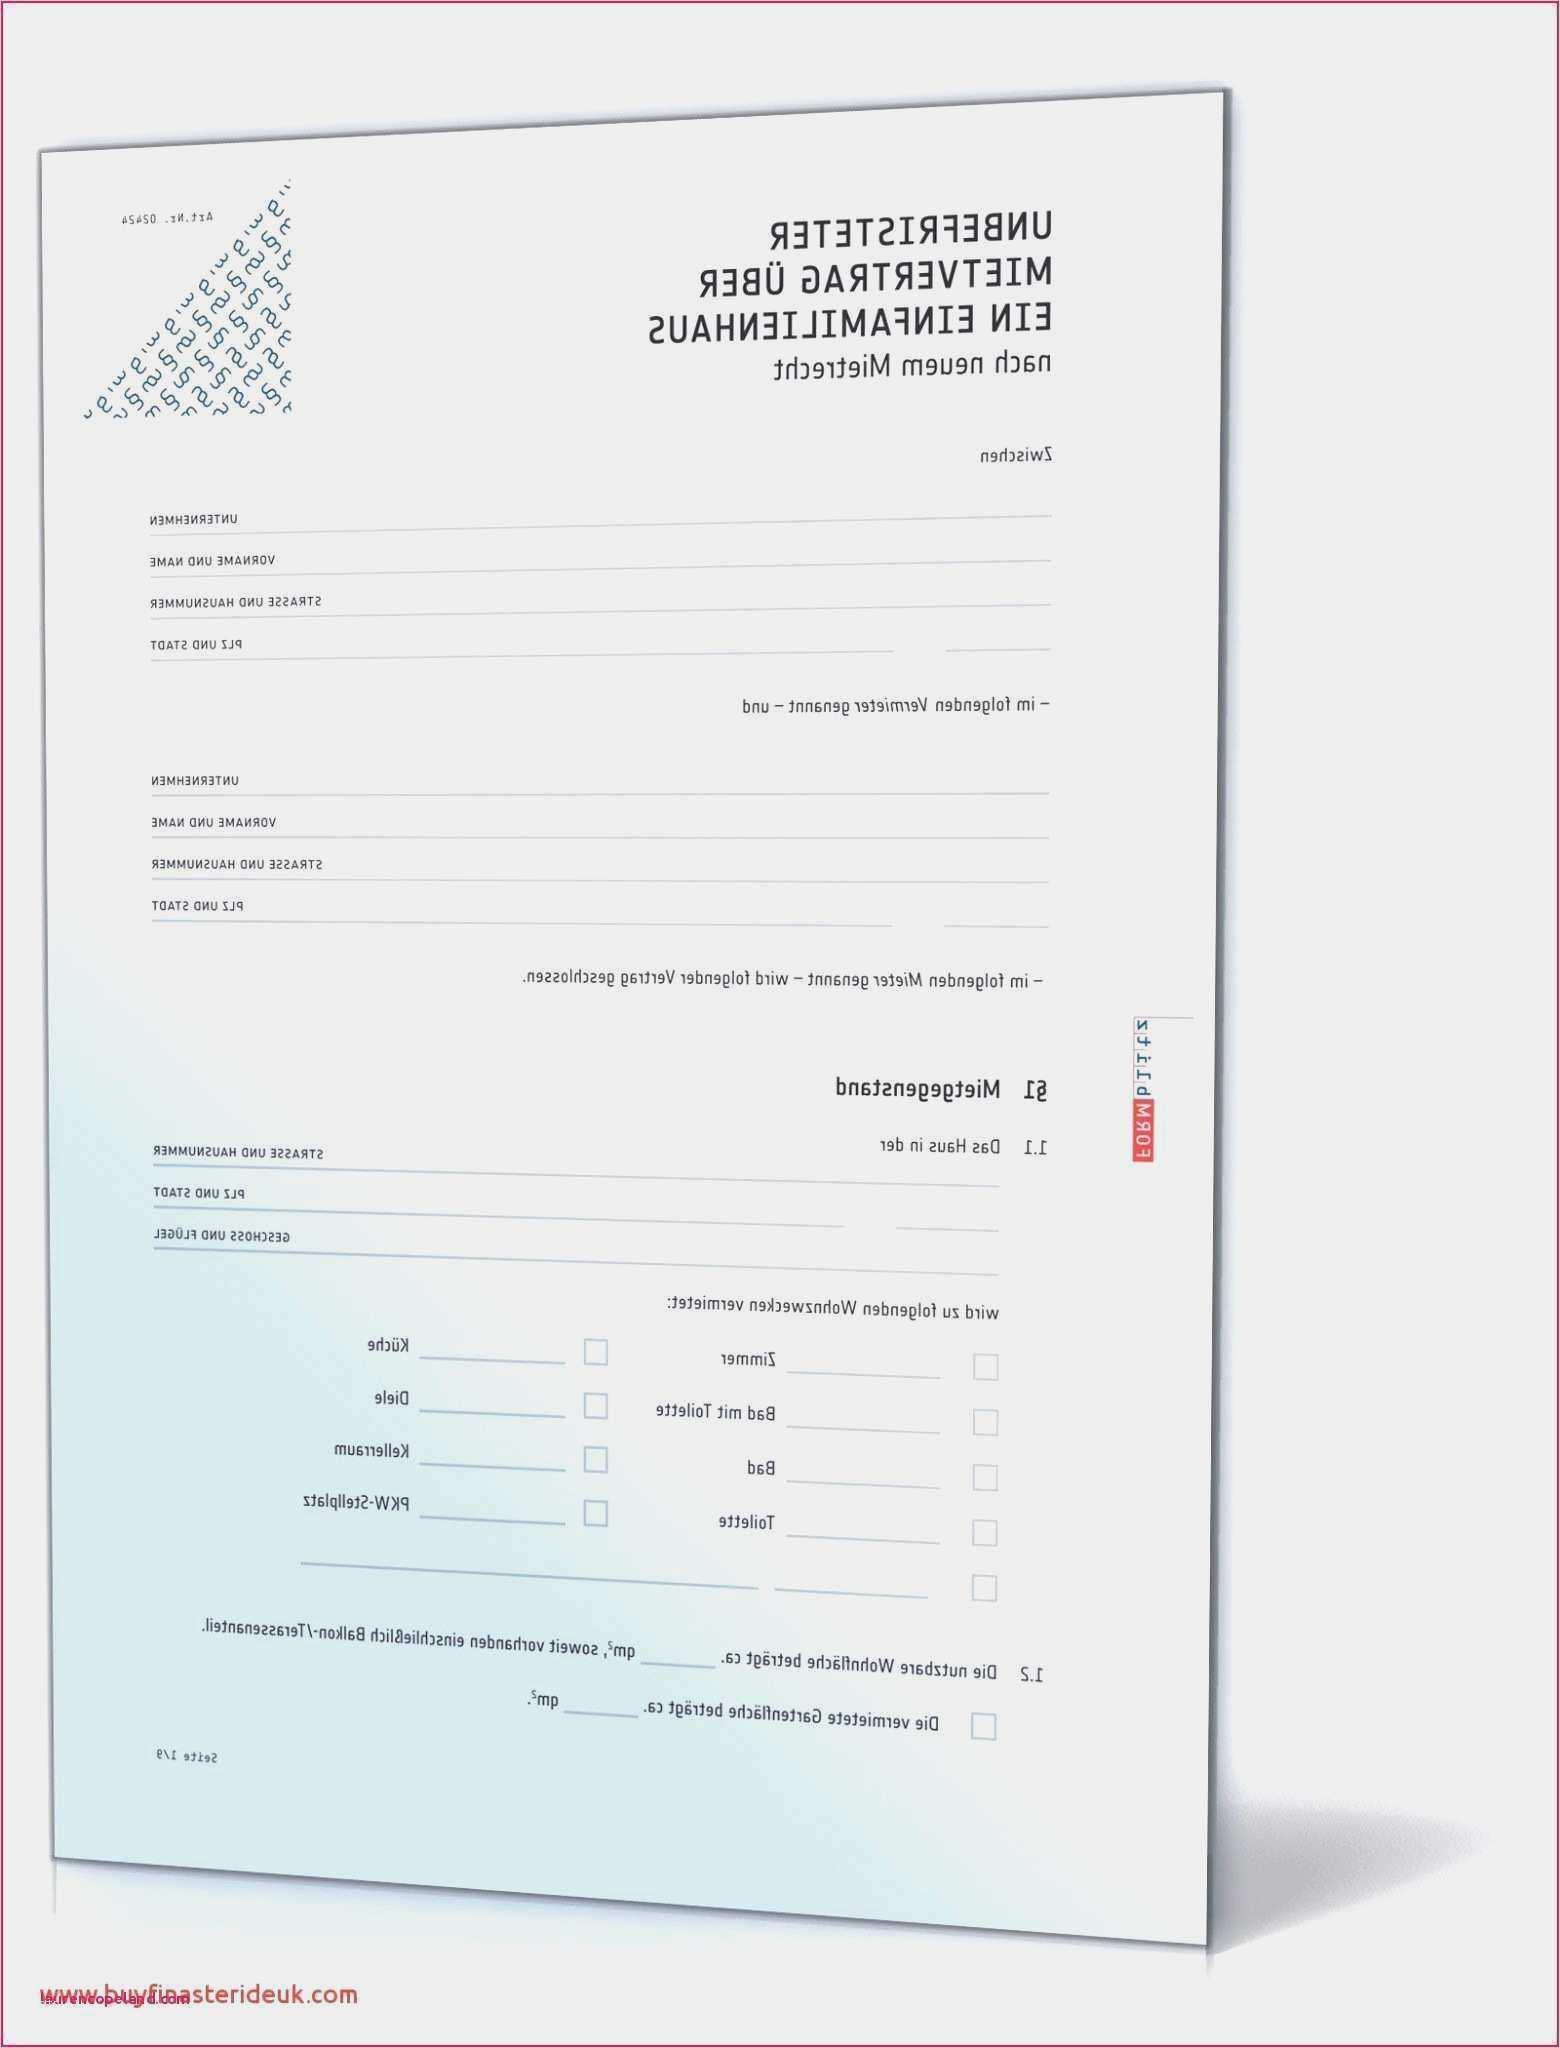 37 Erstaunlich Vorlage Entwicklungsbericht Jugendamt Galerie Briefkopf Vorlage Jugendamt Gute Bewerbung